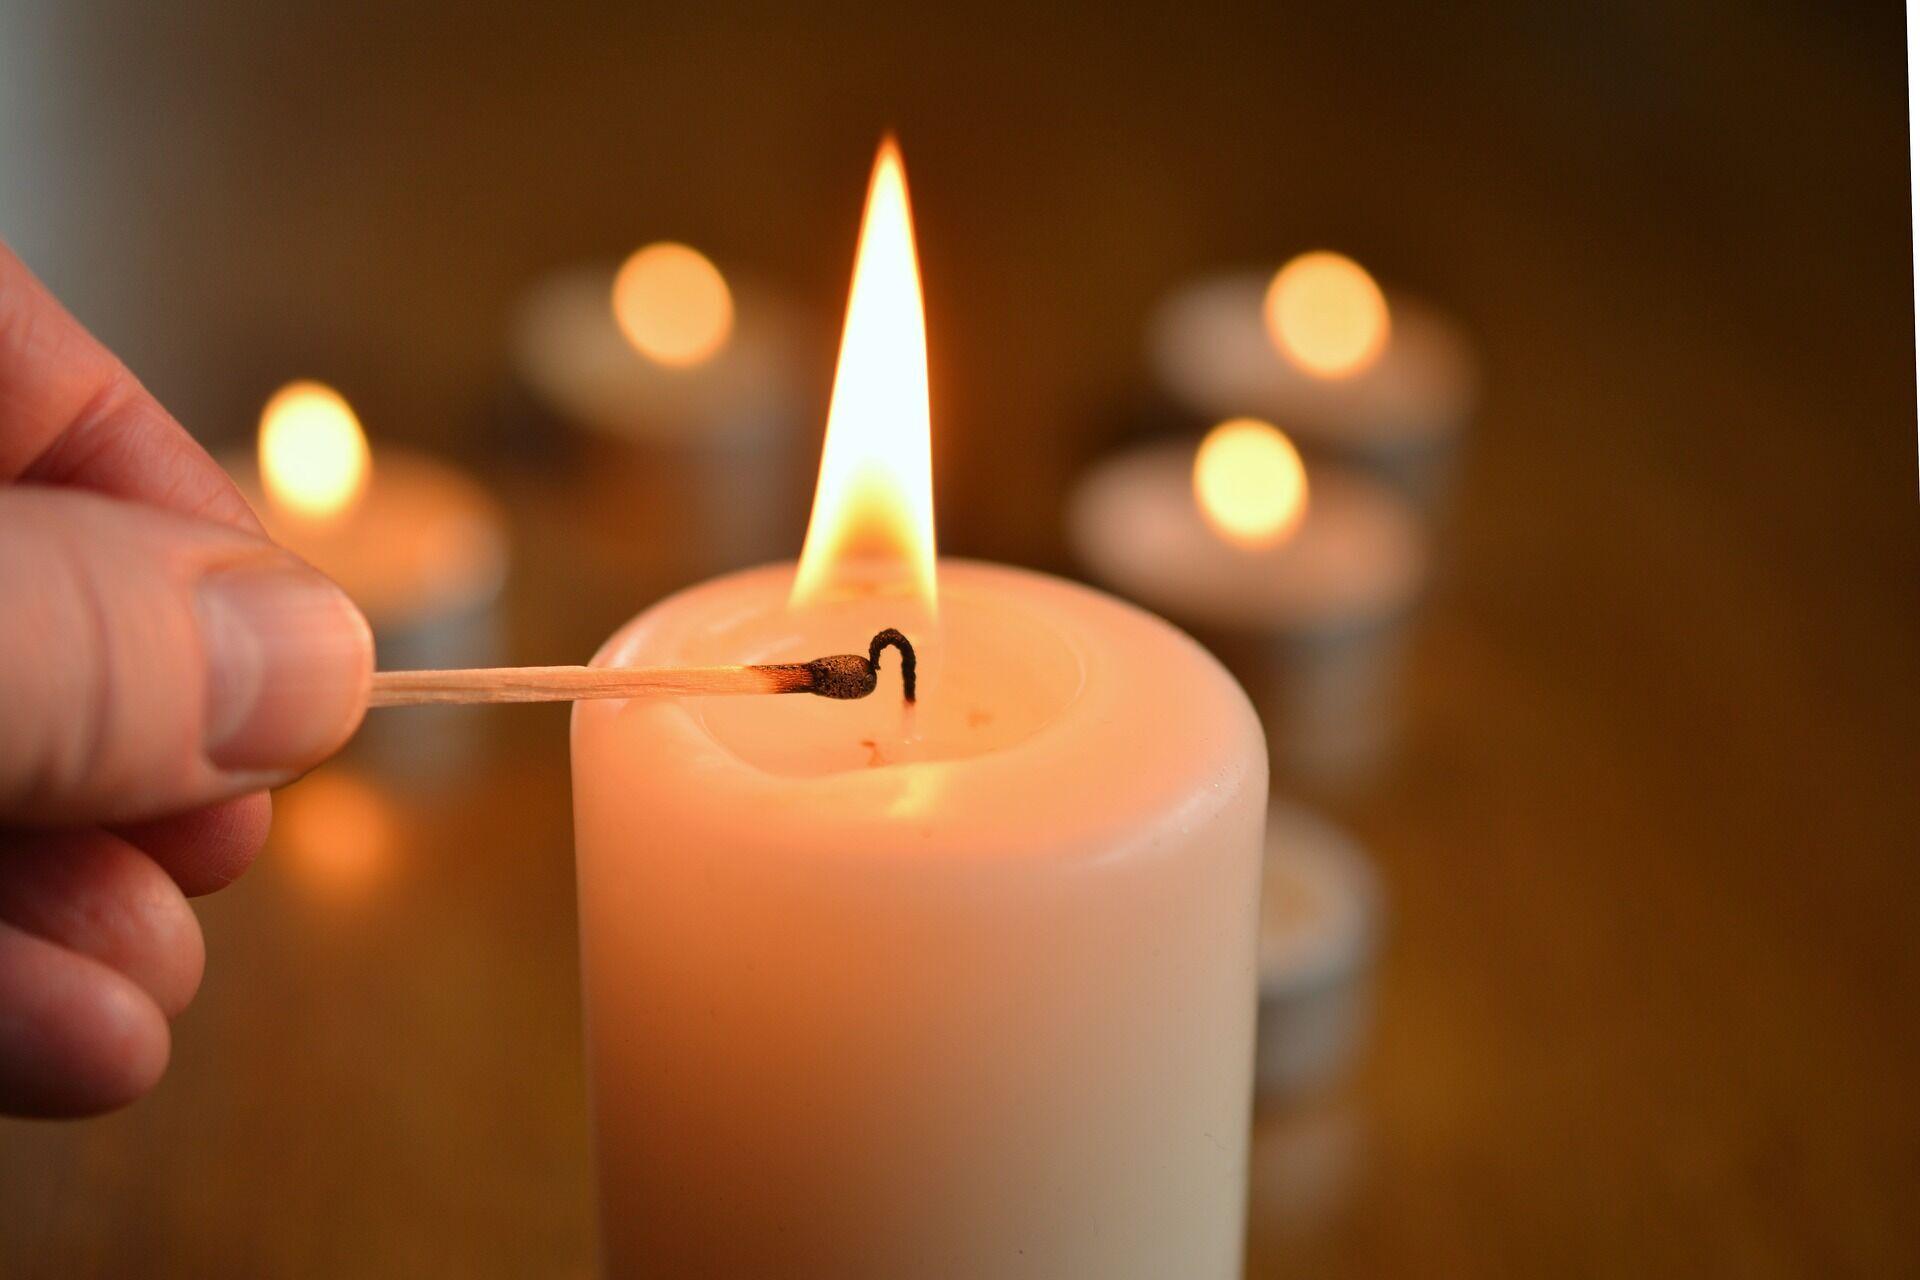 В этот день нельзя сидеть в кромешной тьме, поэтому нужно дополнительно зажигать свечи.